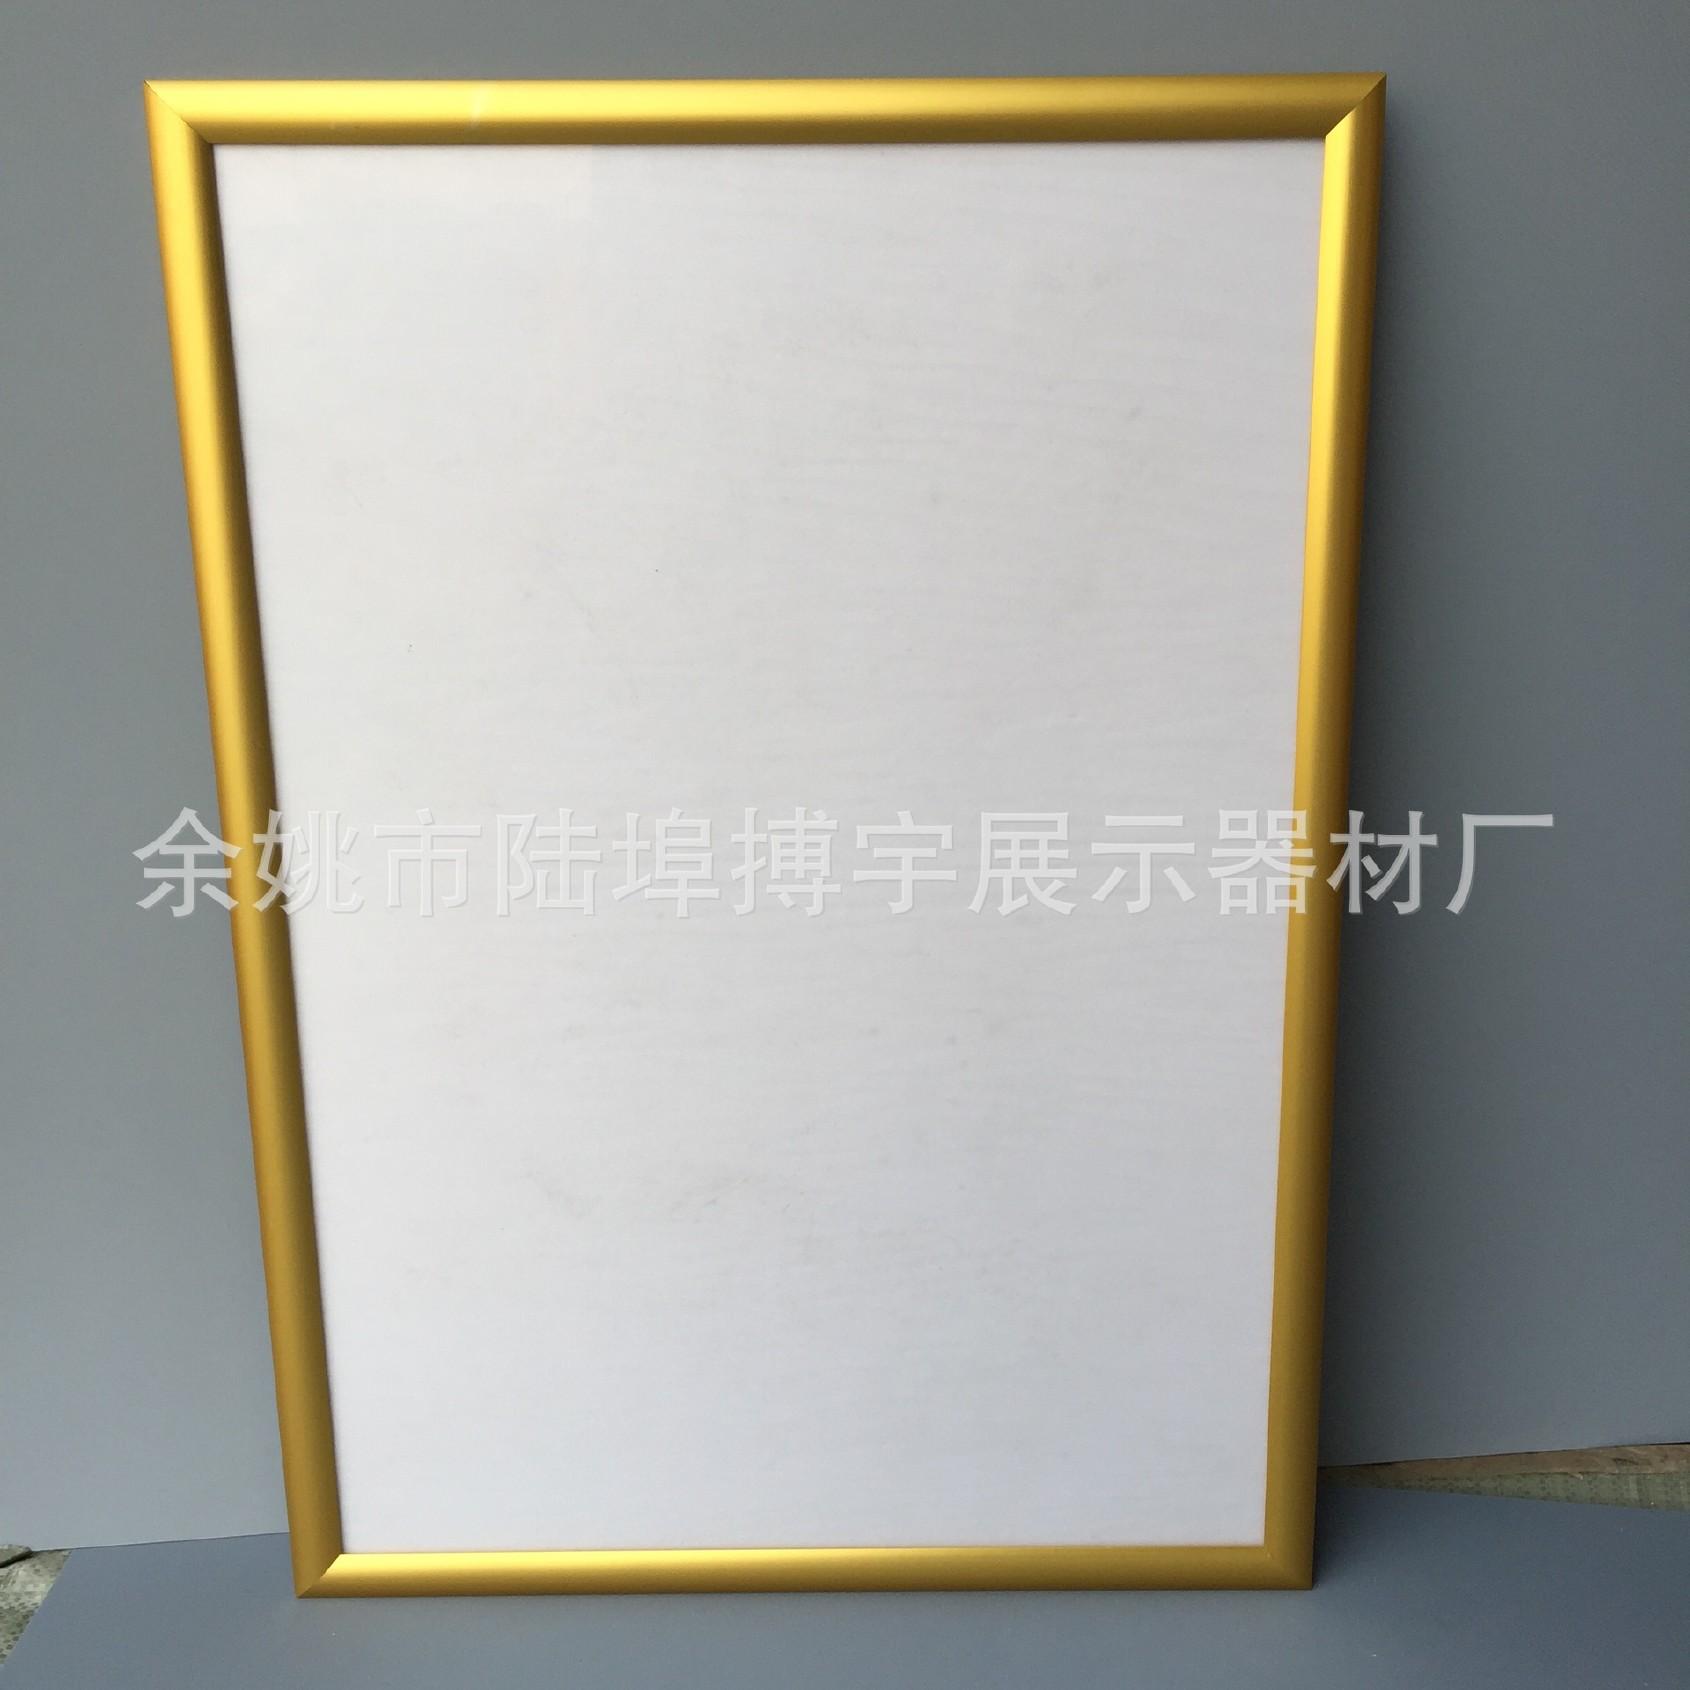 电梯广告框价格_【5070开启式海报框电梯广告框铝合金镜框相框架装饰画框条 ...